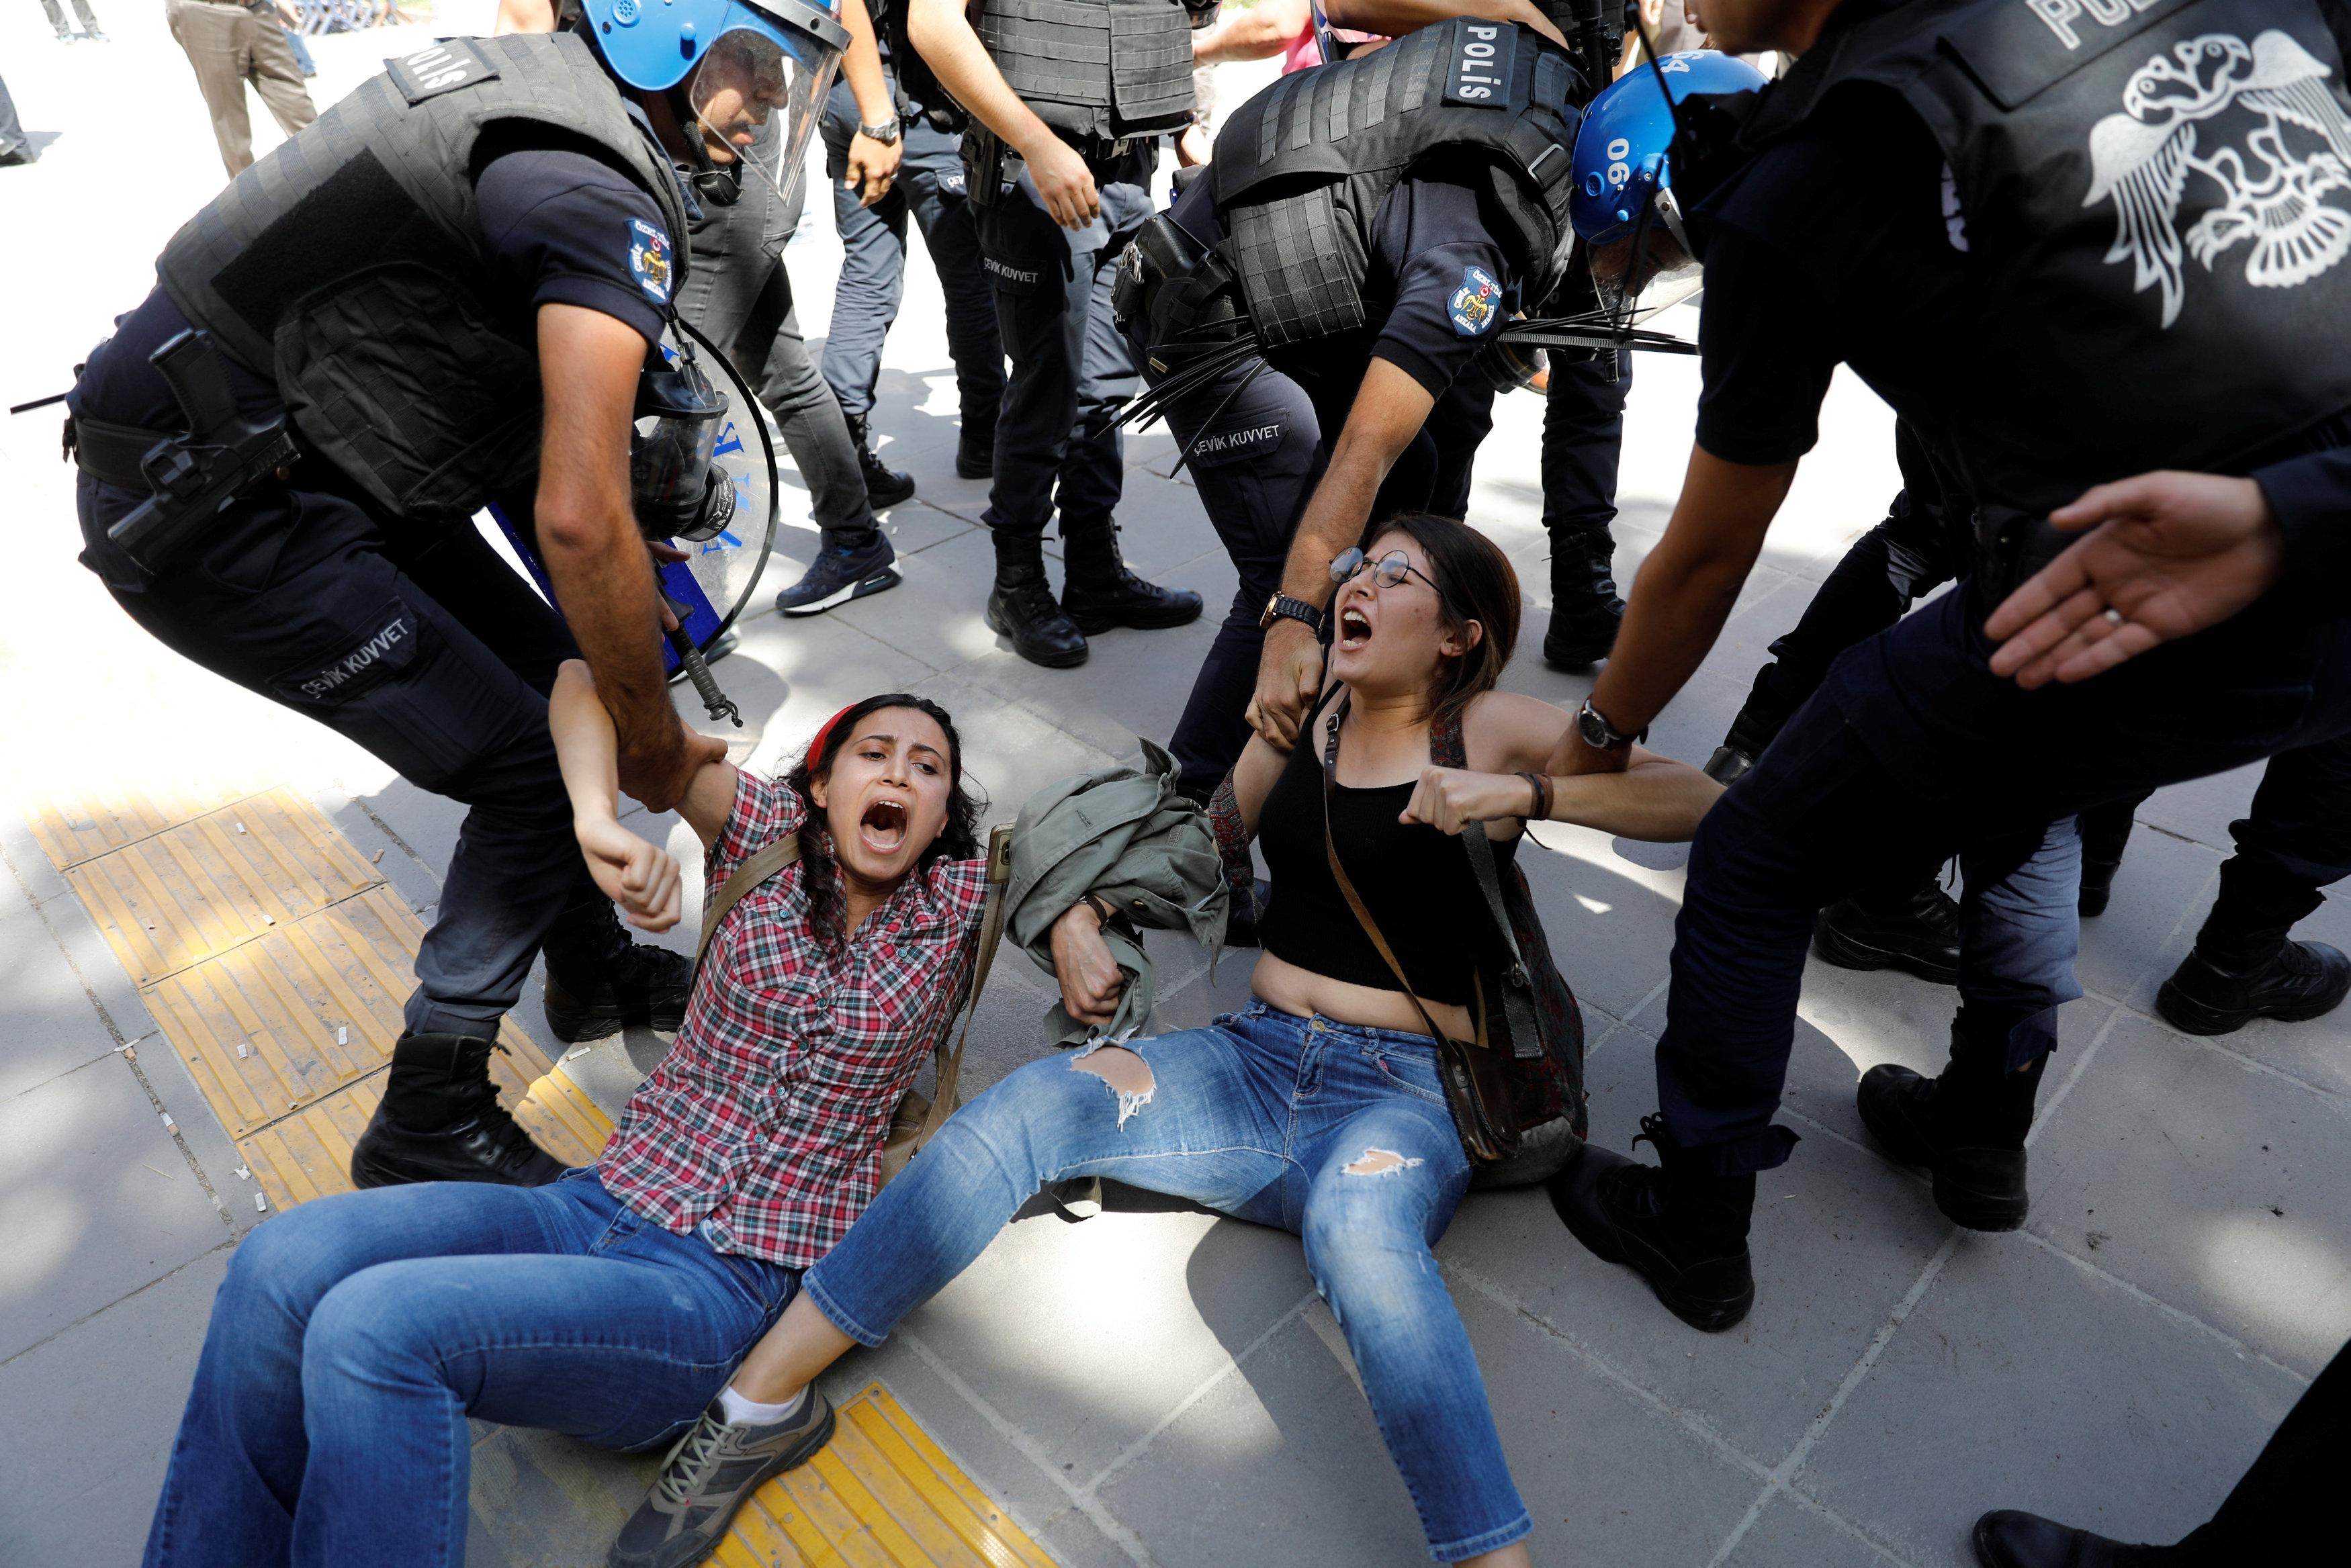 شرطة أردوغان تسحل وتعتقل متظاهرين معارضين أمام محكمة بأنقرة